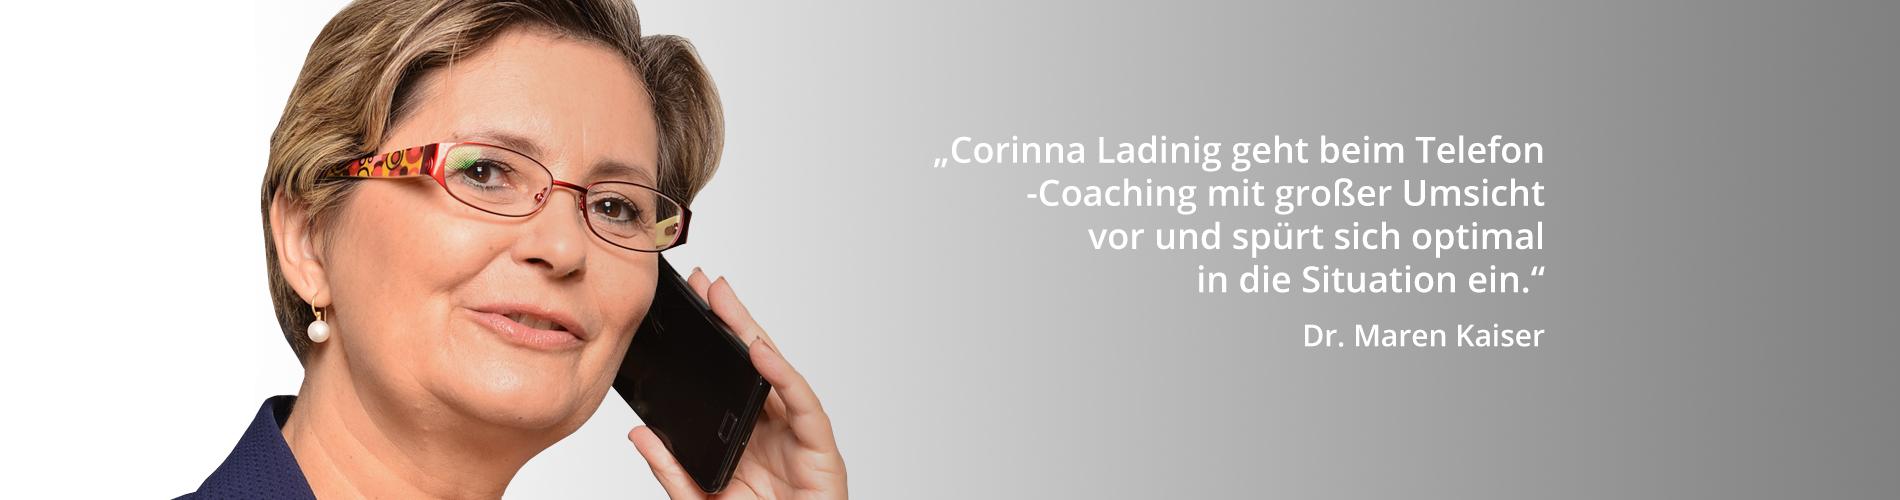 corinna-ladinig-coaching-telefoncoaching-wingwave